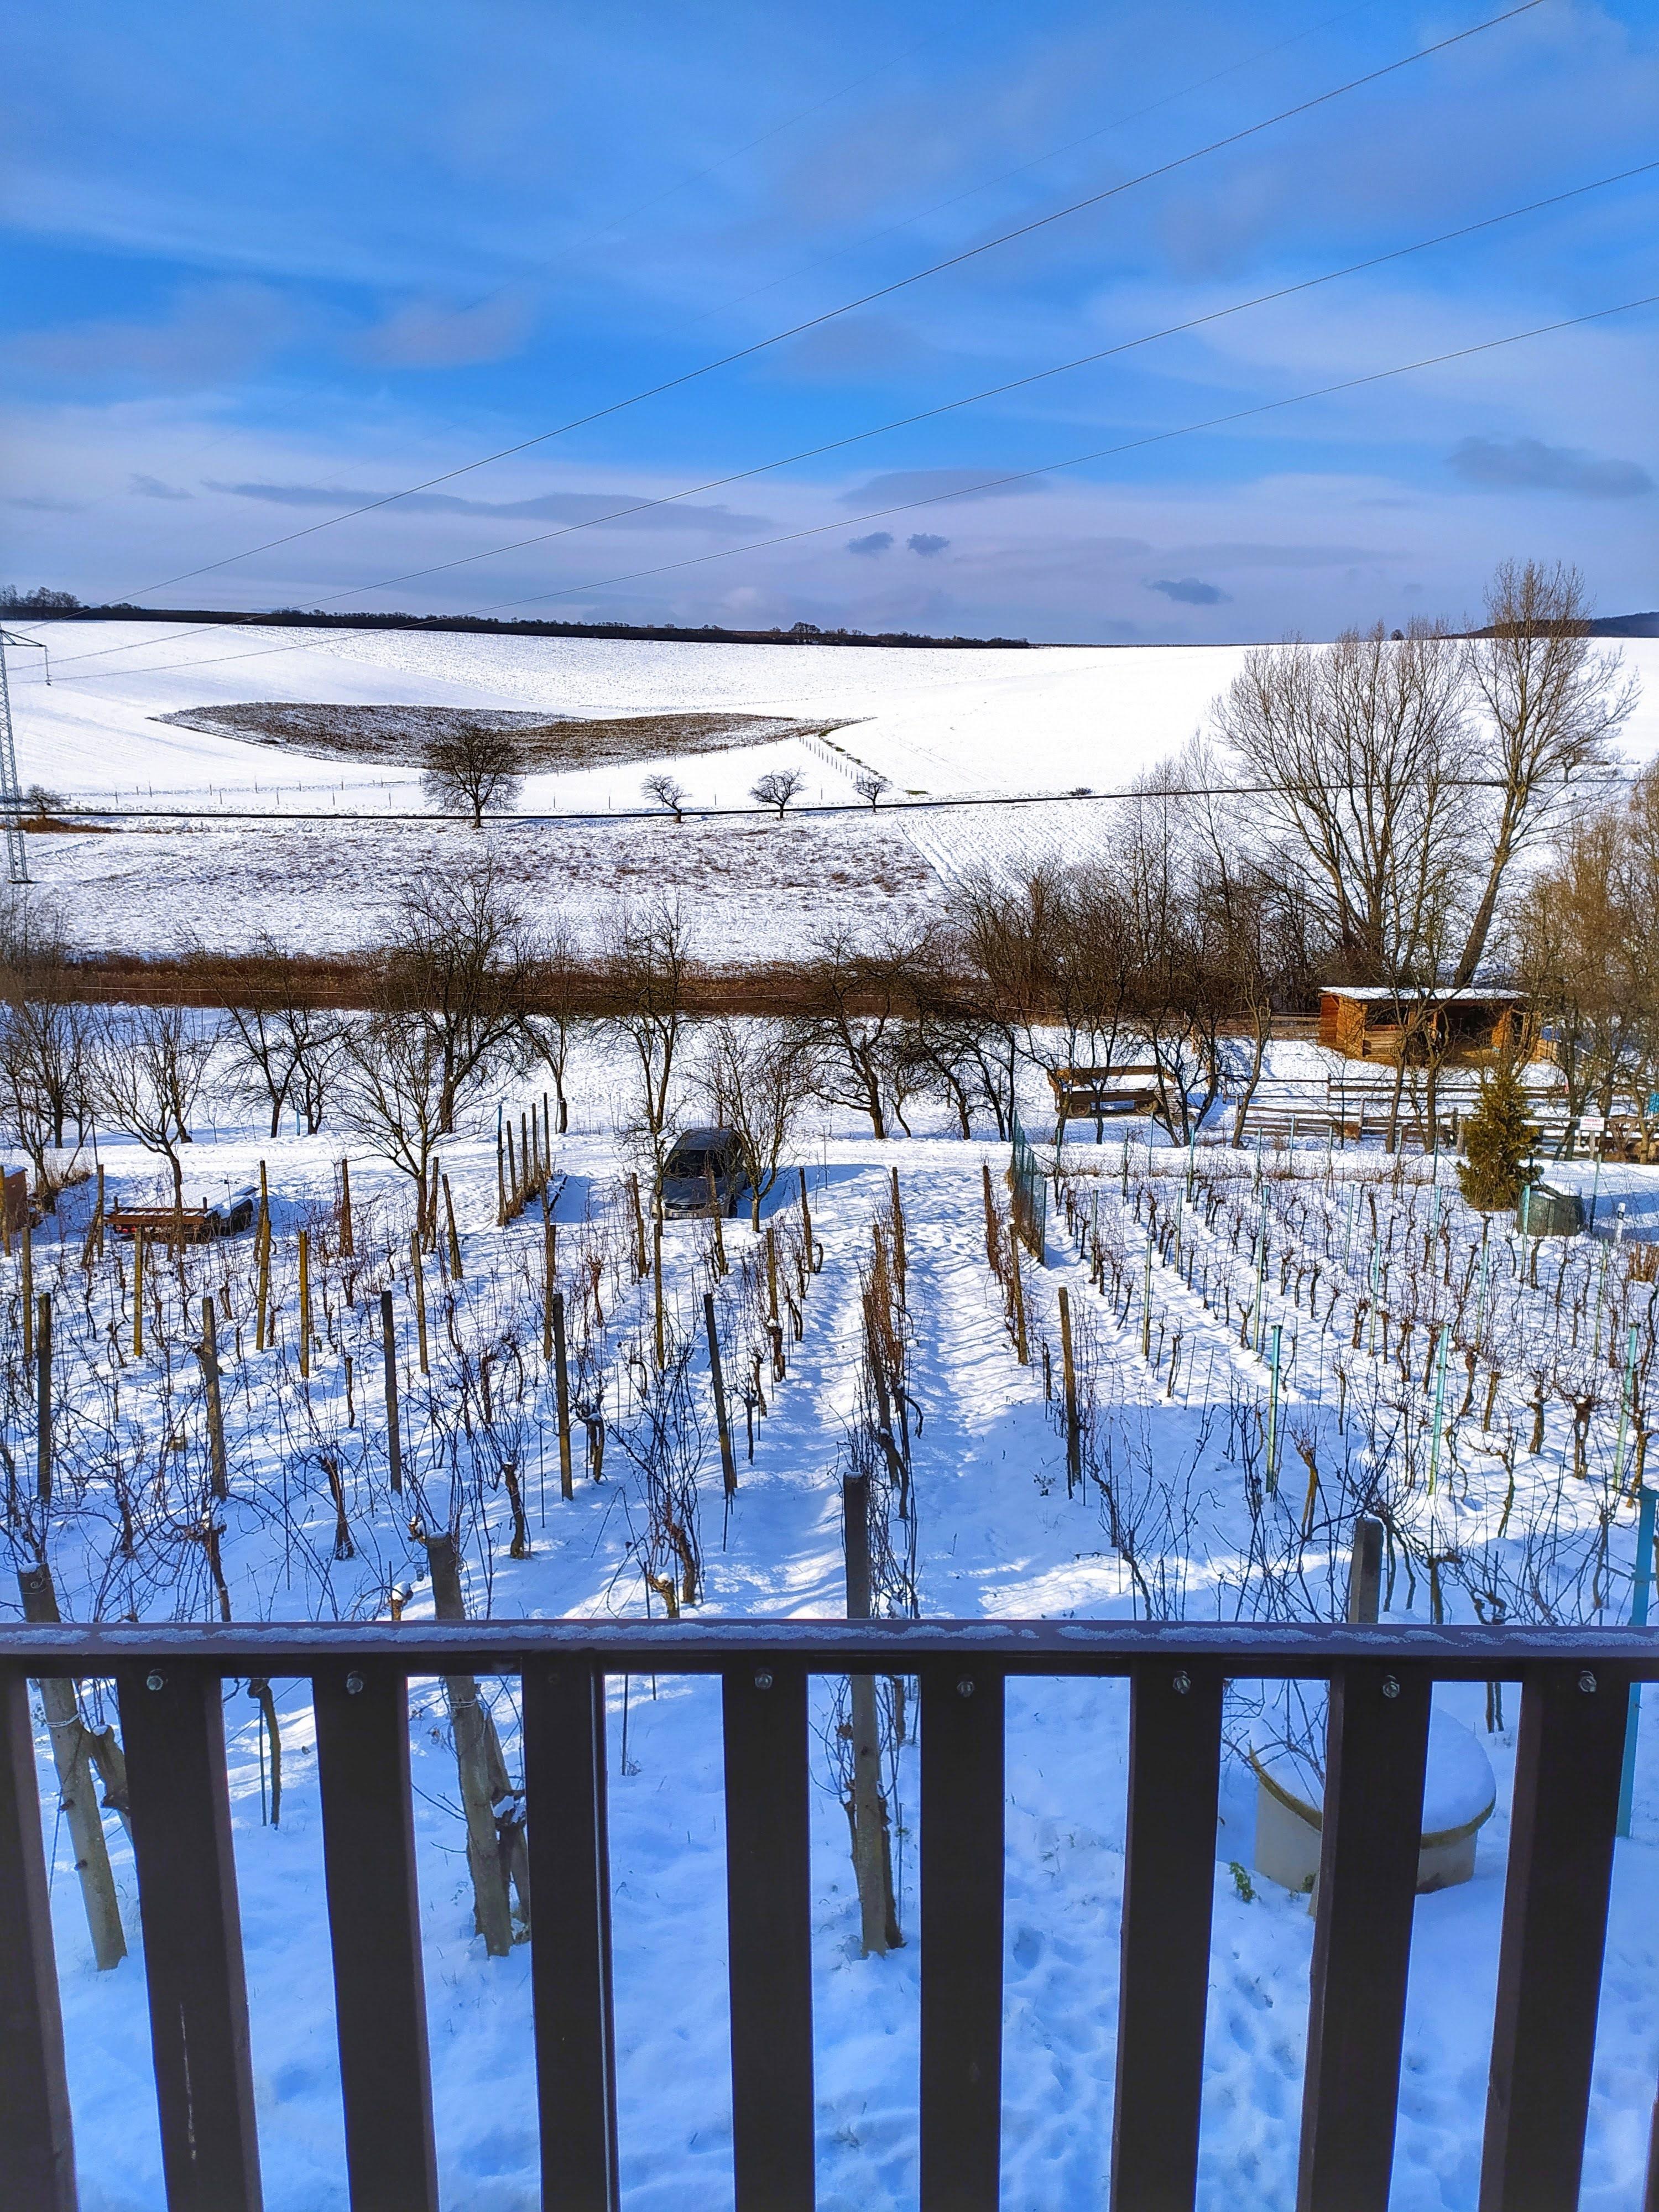 Výhled z balkonu na zasněženou vinici - leden 2021